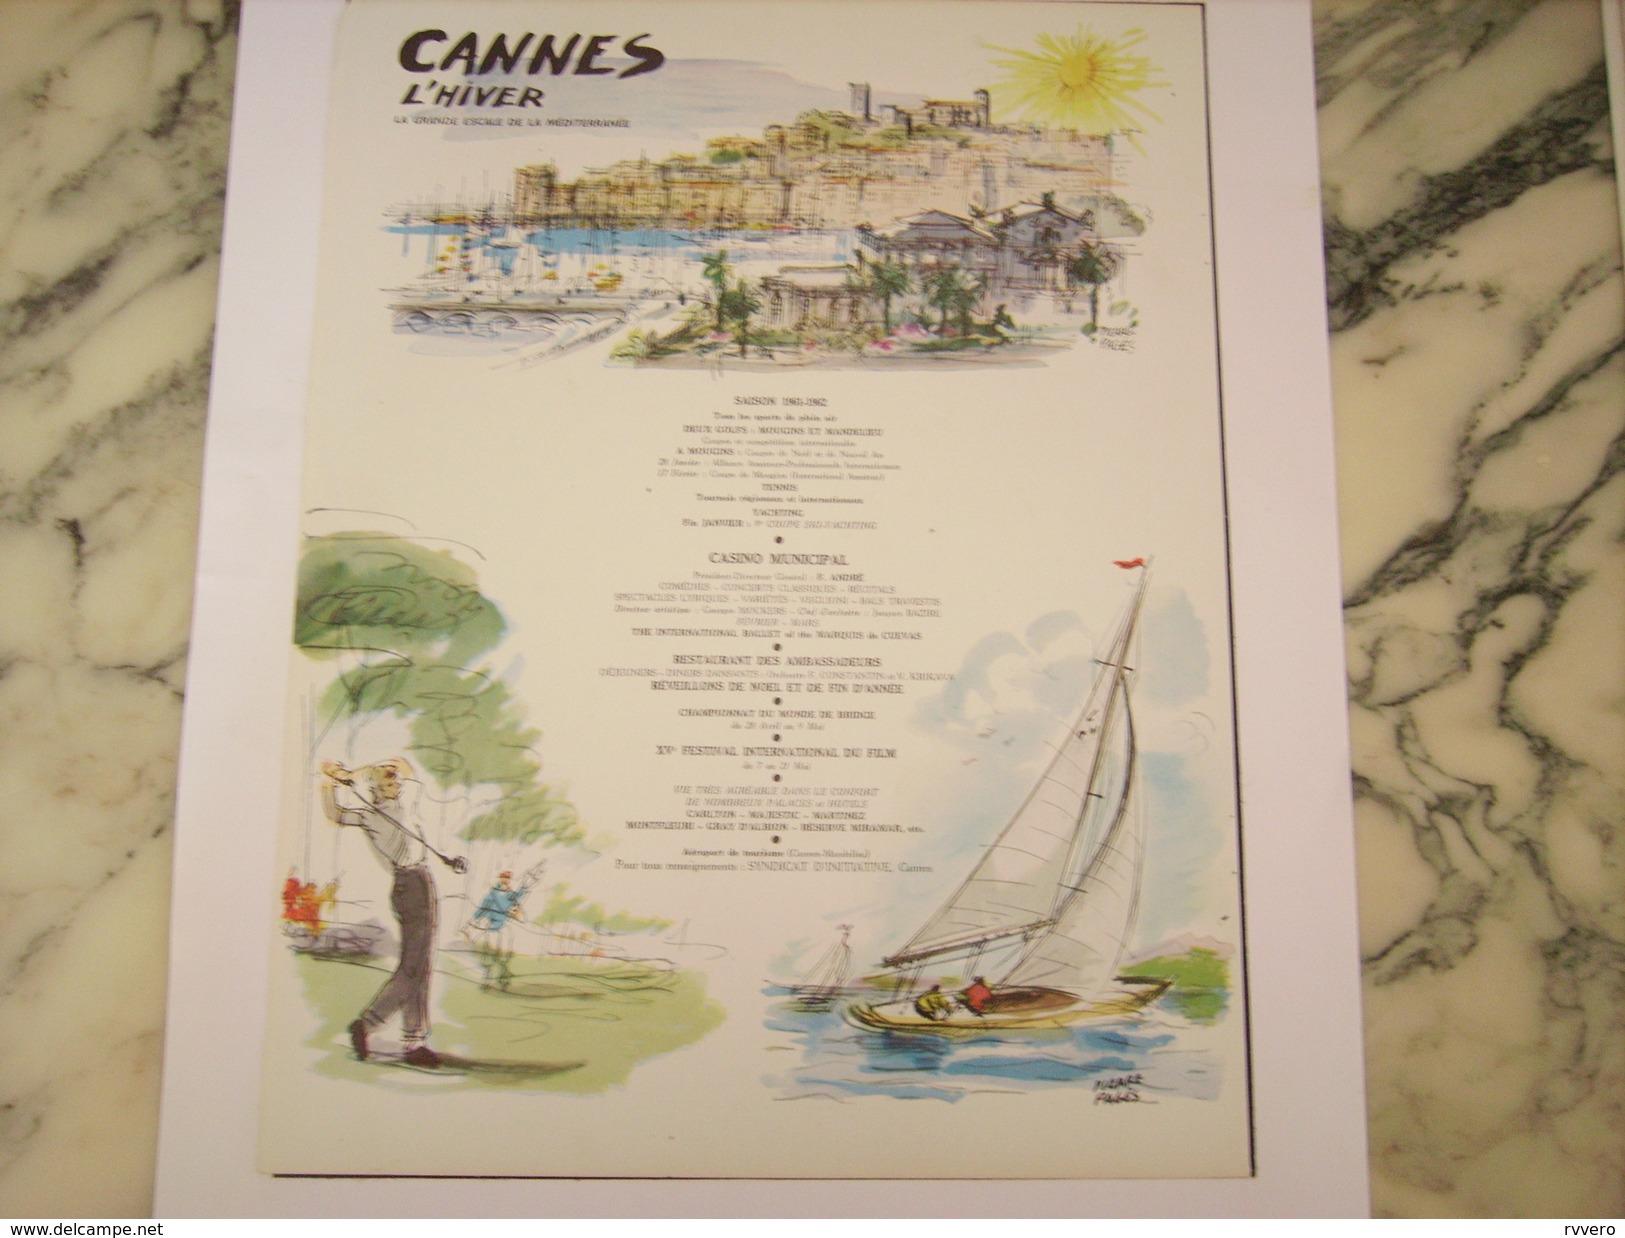 ANCIENNE PUBLICITE VOYAGE CANNES L HIVER 1961 - Publicité